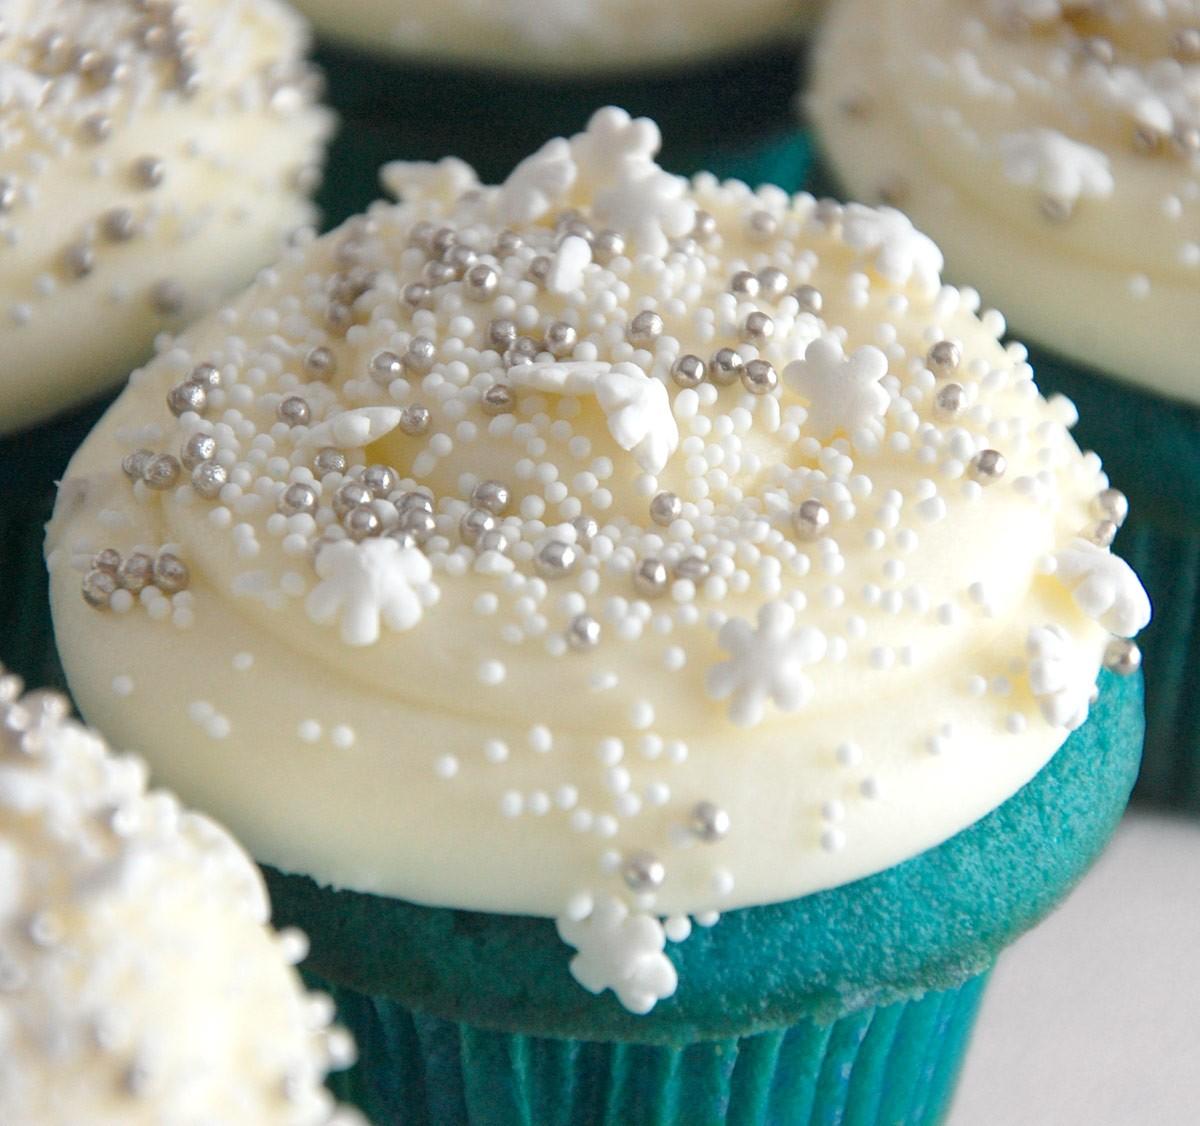 carousel cake blue velvet cake